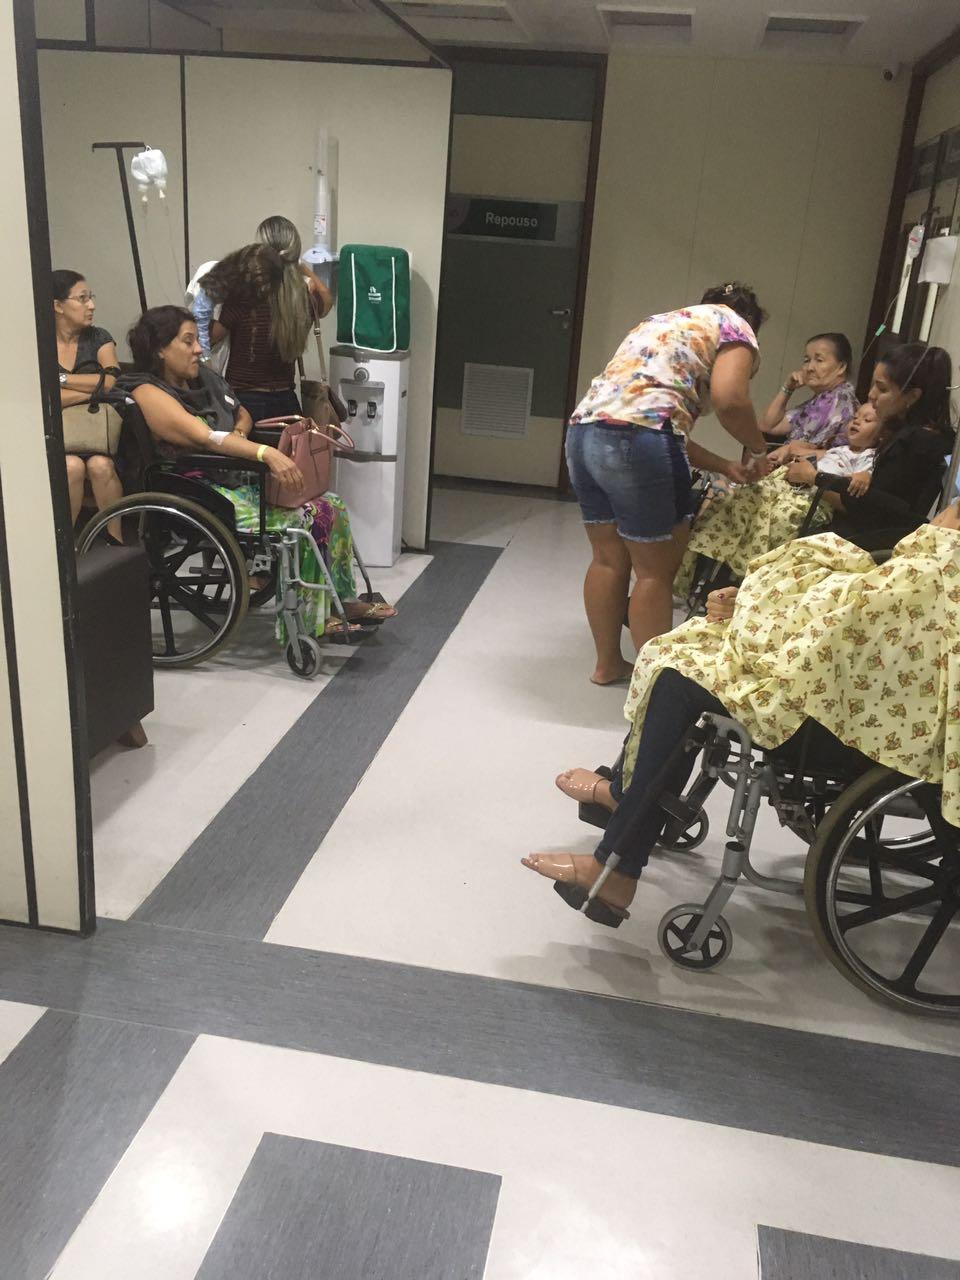 Em resposta ao Blog, Unimed esclarece denúncias de mau atendimento no hospital